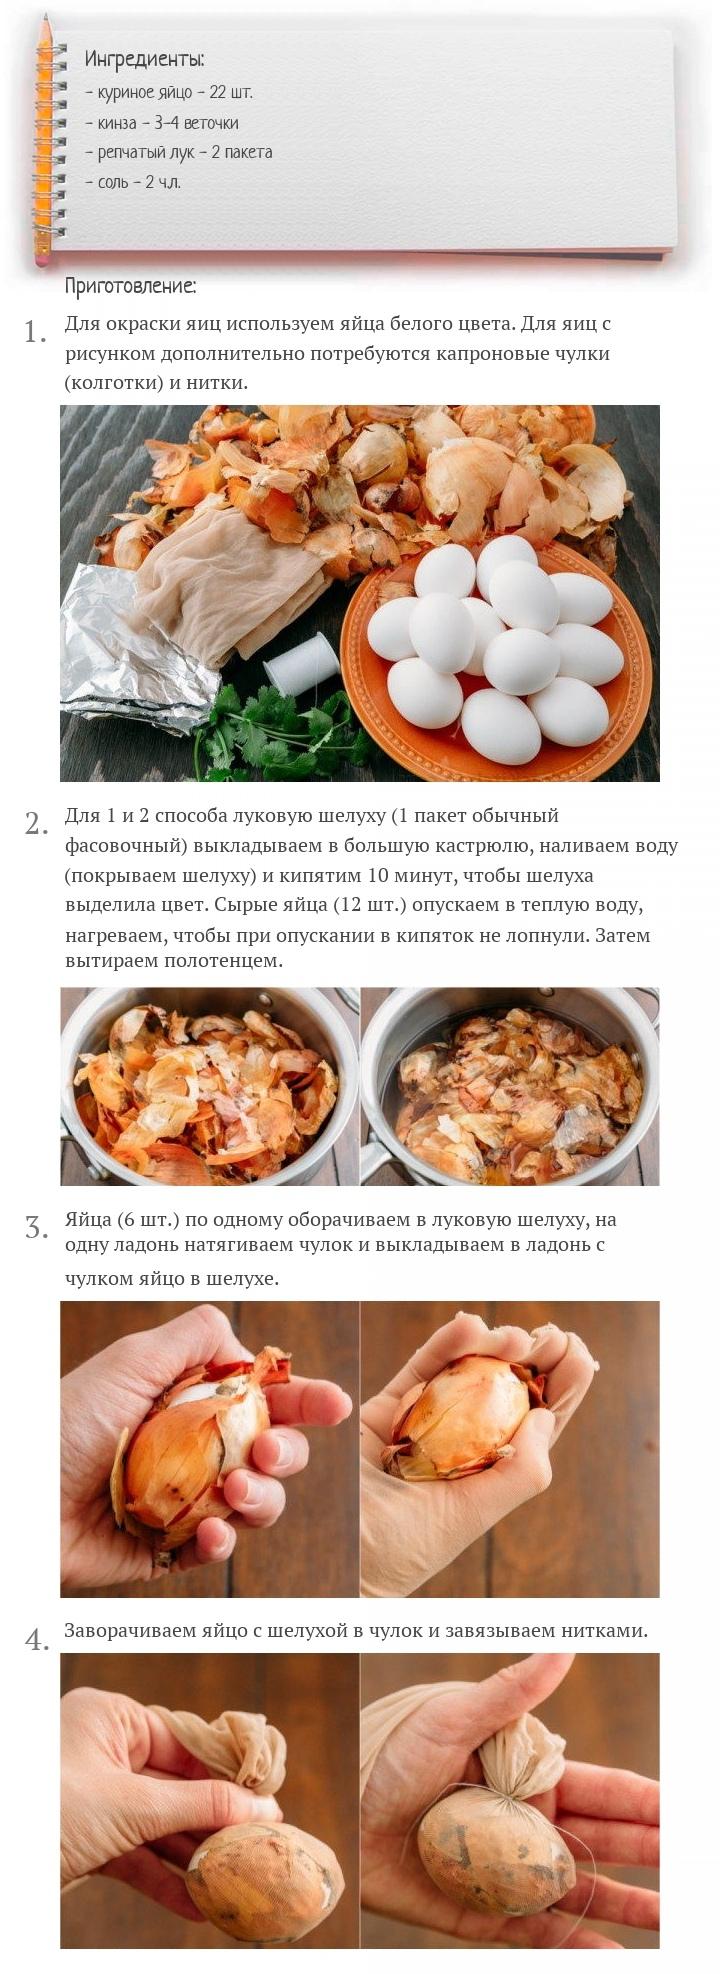 Пасхальные яйца в луковой шелухе 3 способа, изображение №2